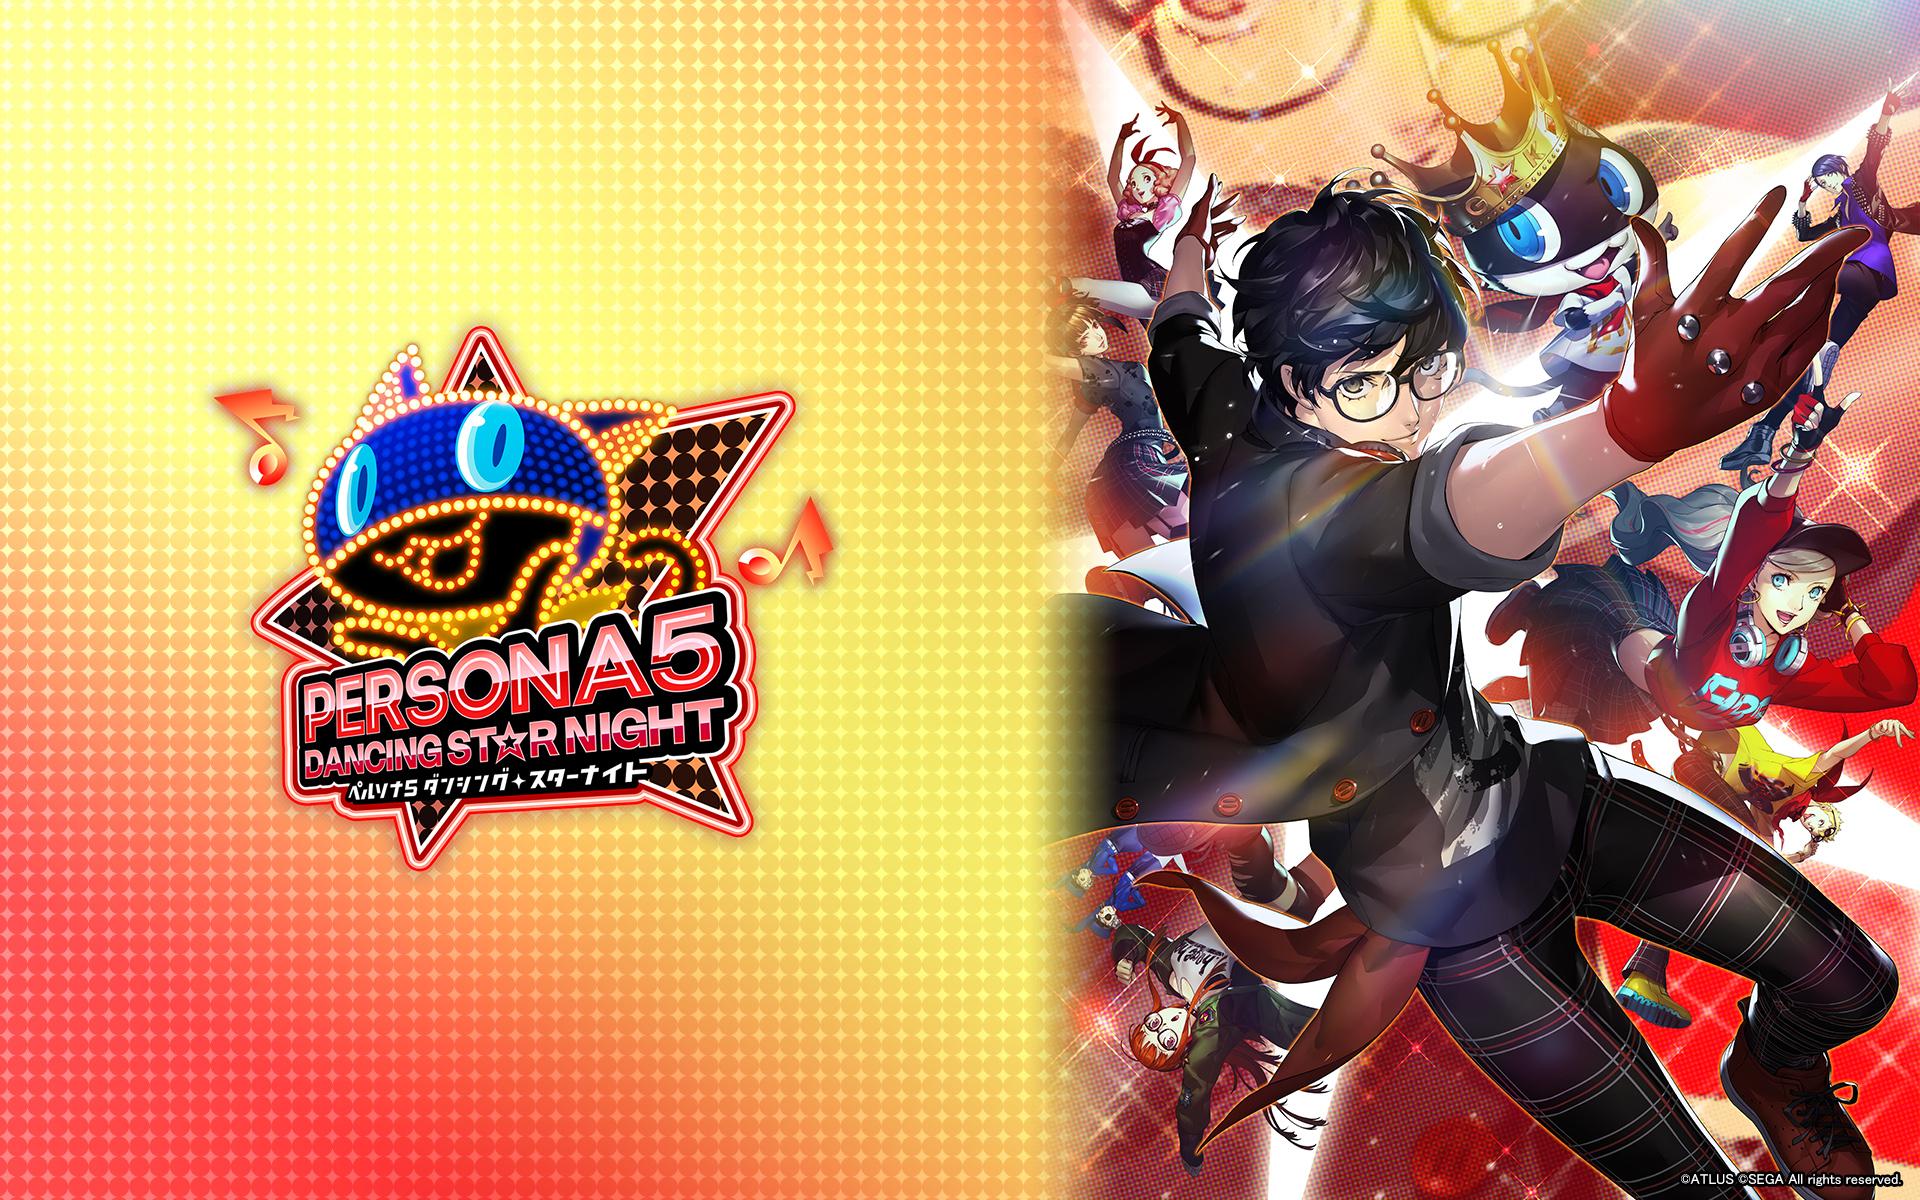 Persona 5 Dancing In Starlight Megami Tensei Wiki Fandom